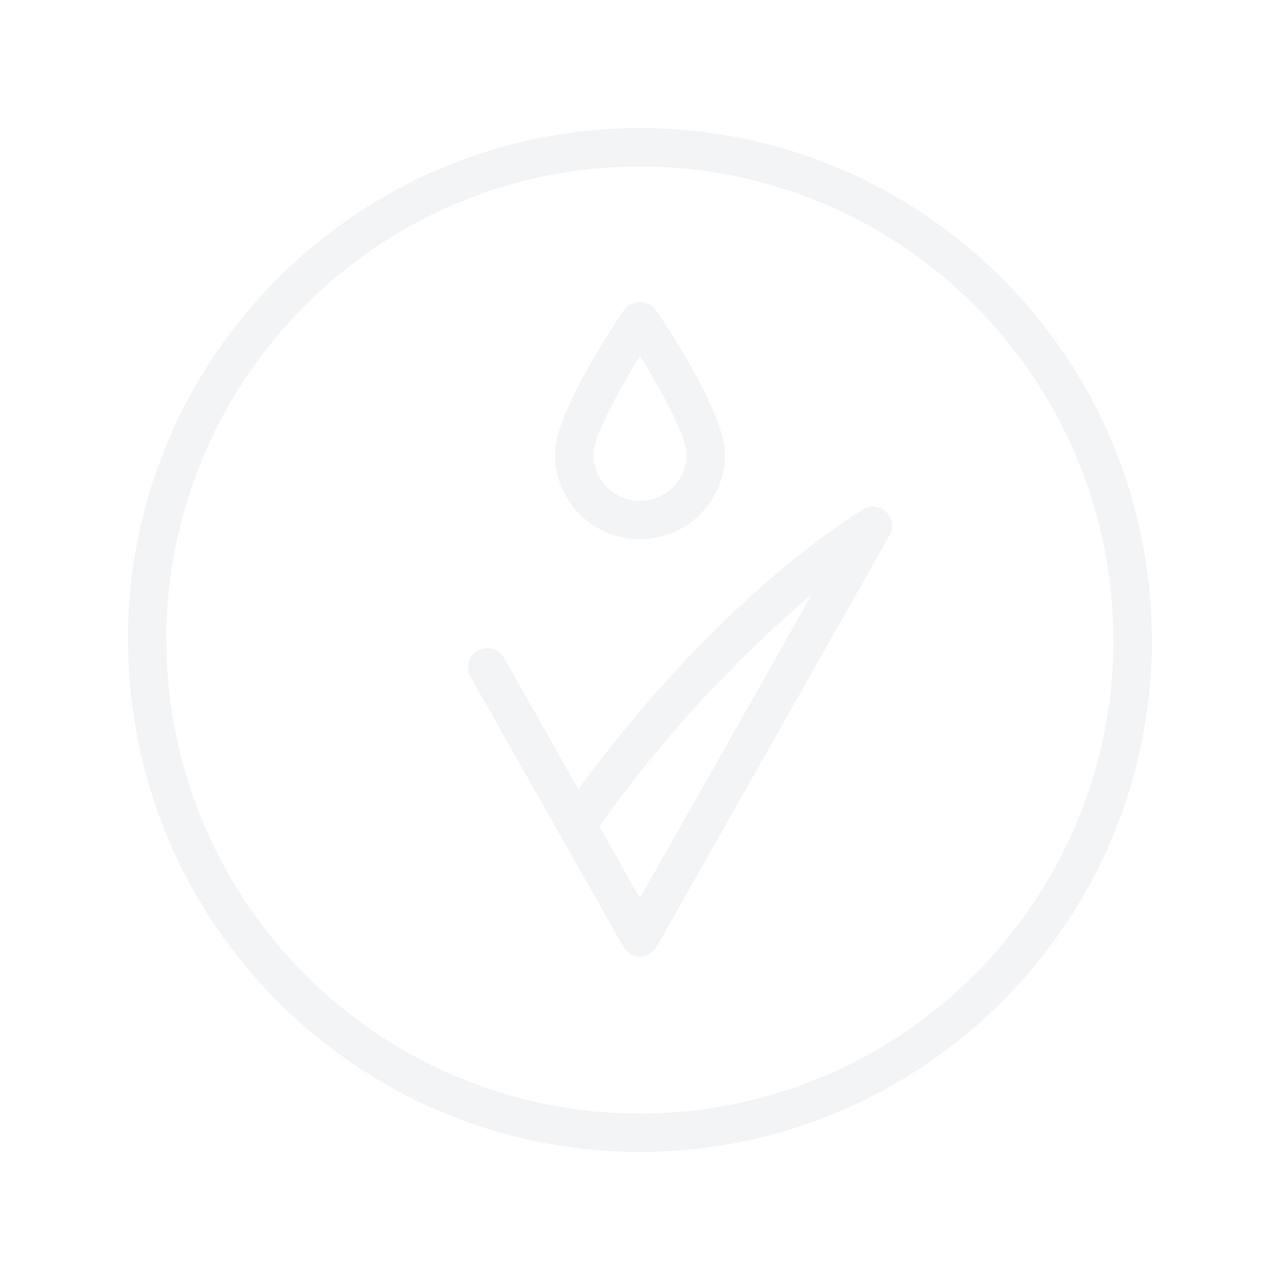 CAROLINA HERRERA 212 VIP Rose 50ml Eau De Parfum Gift Set